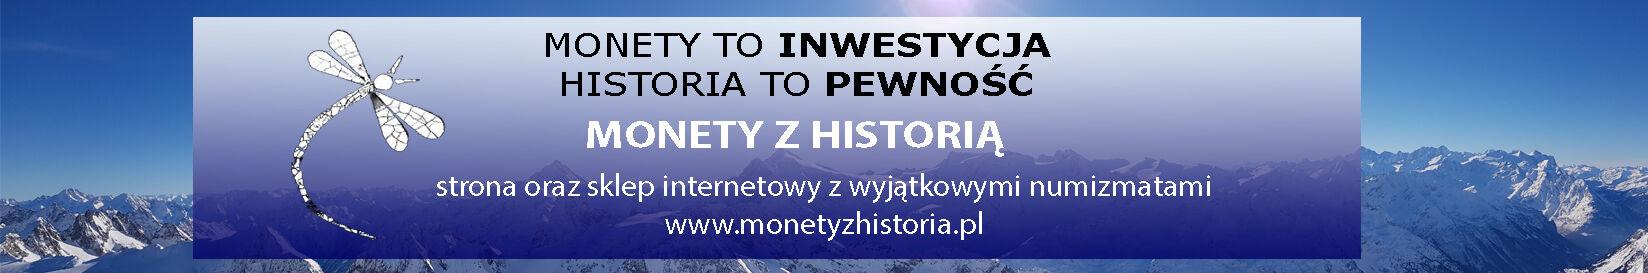 ad-monetyzhistoria2v2